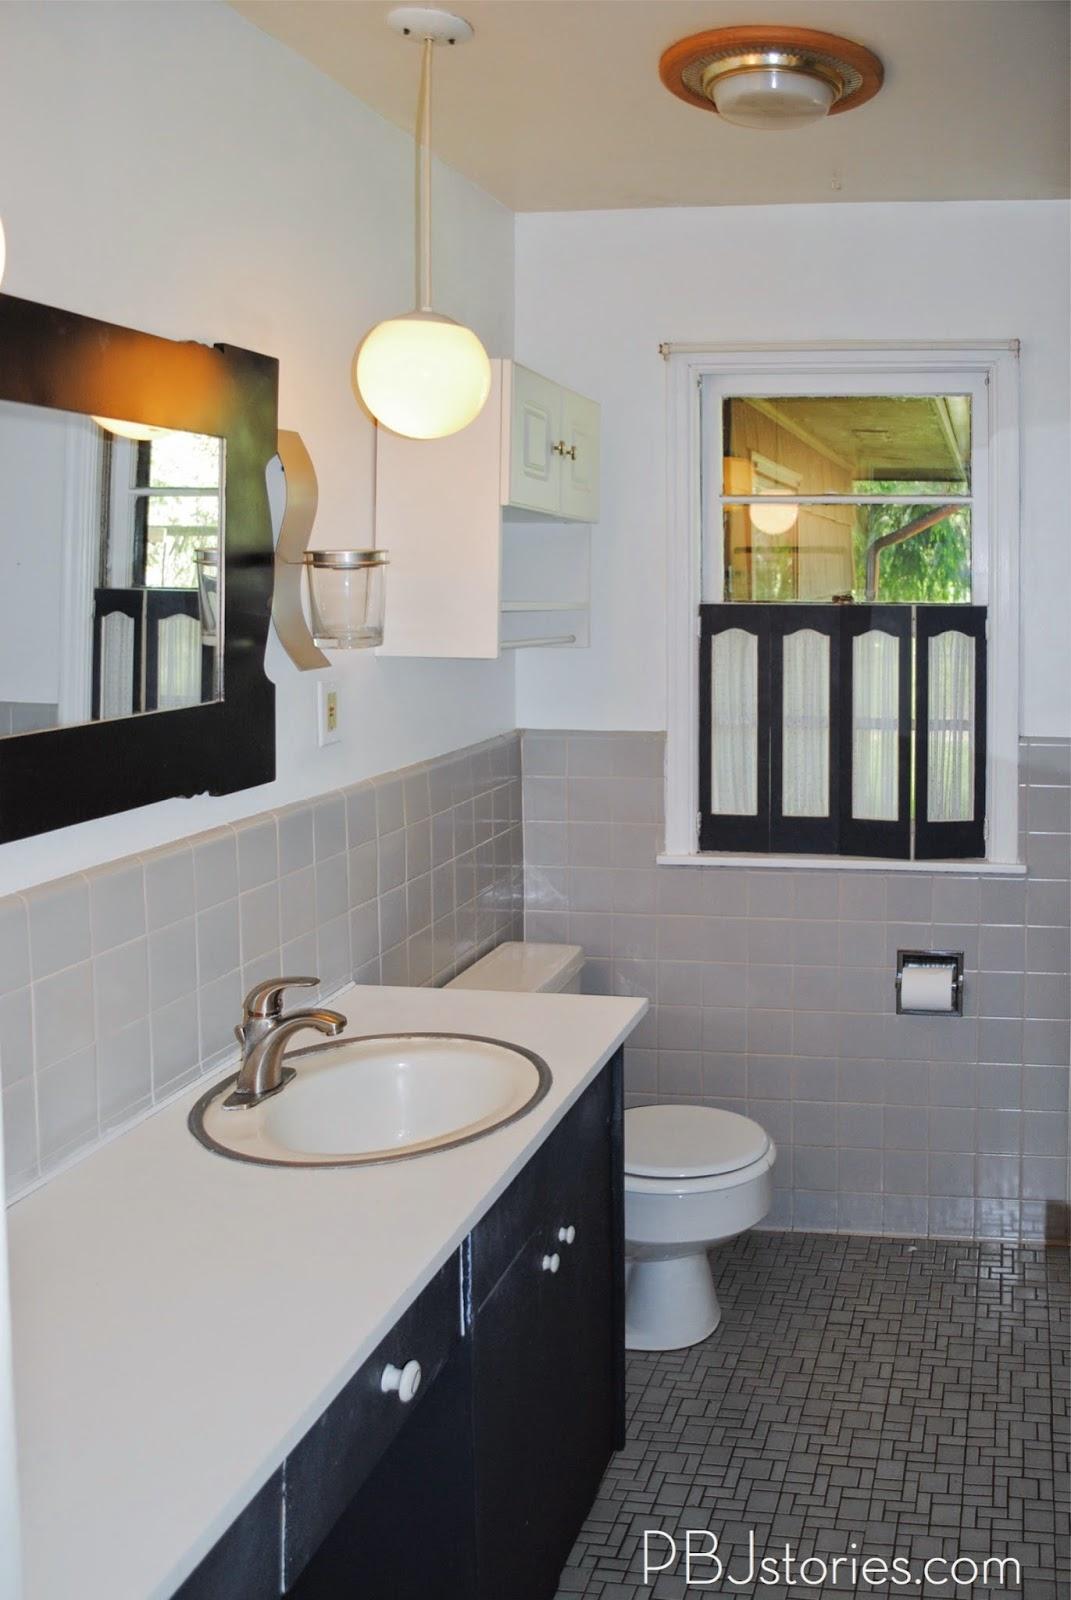 thursday october 2 2014 - Bathroom Cabinets 2014